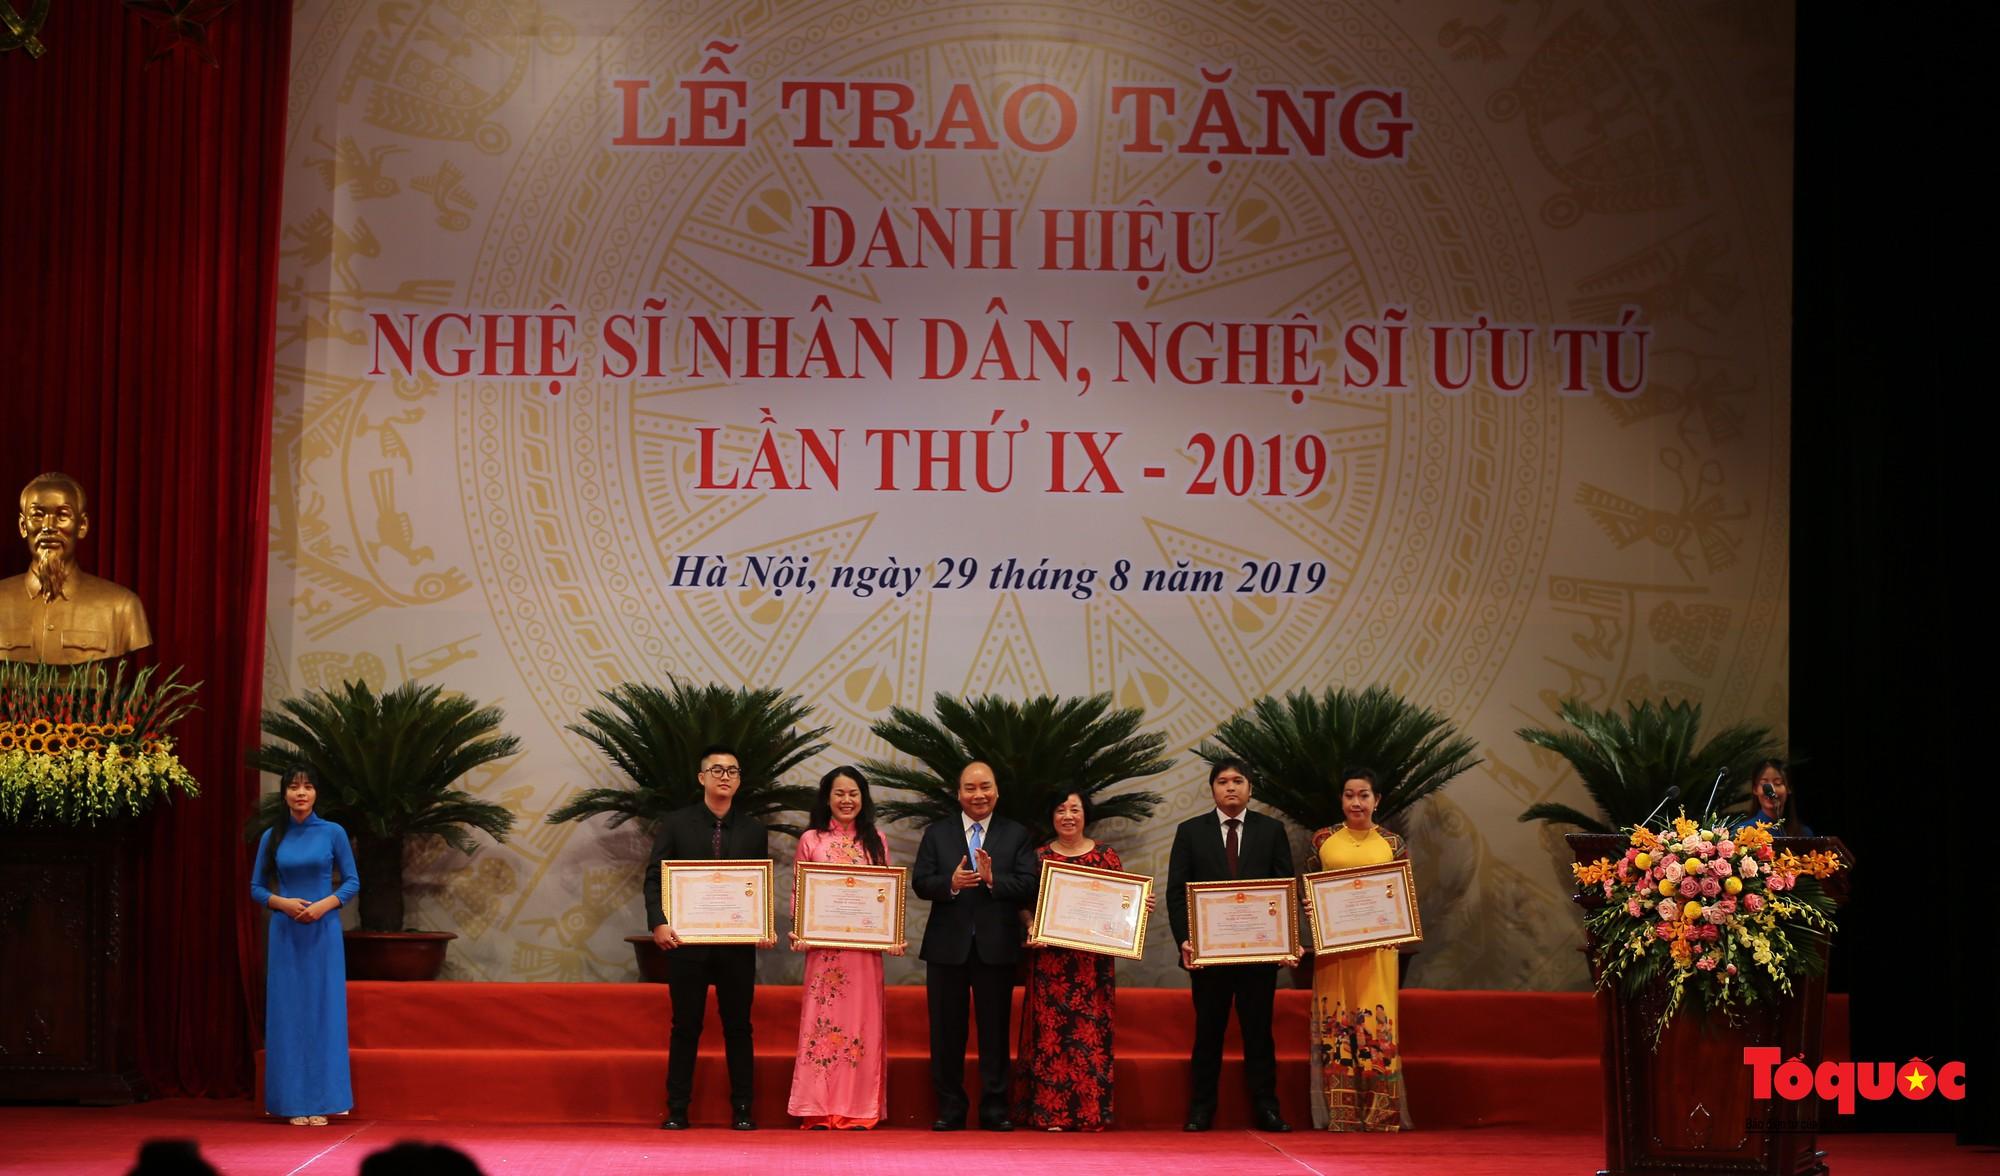 Lễ trao tặng danh hiệu NSND, NSƯT lần thứ 928